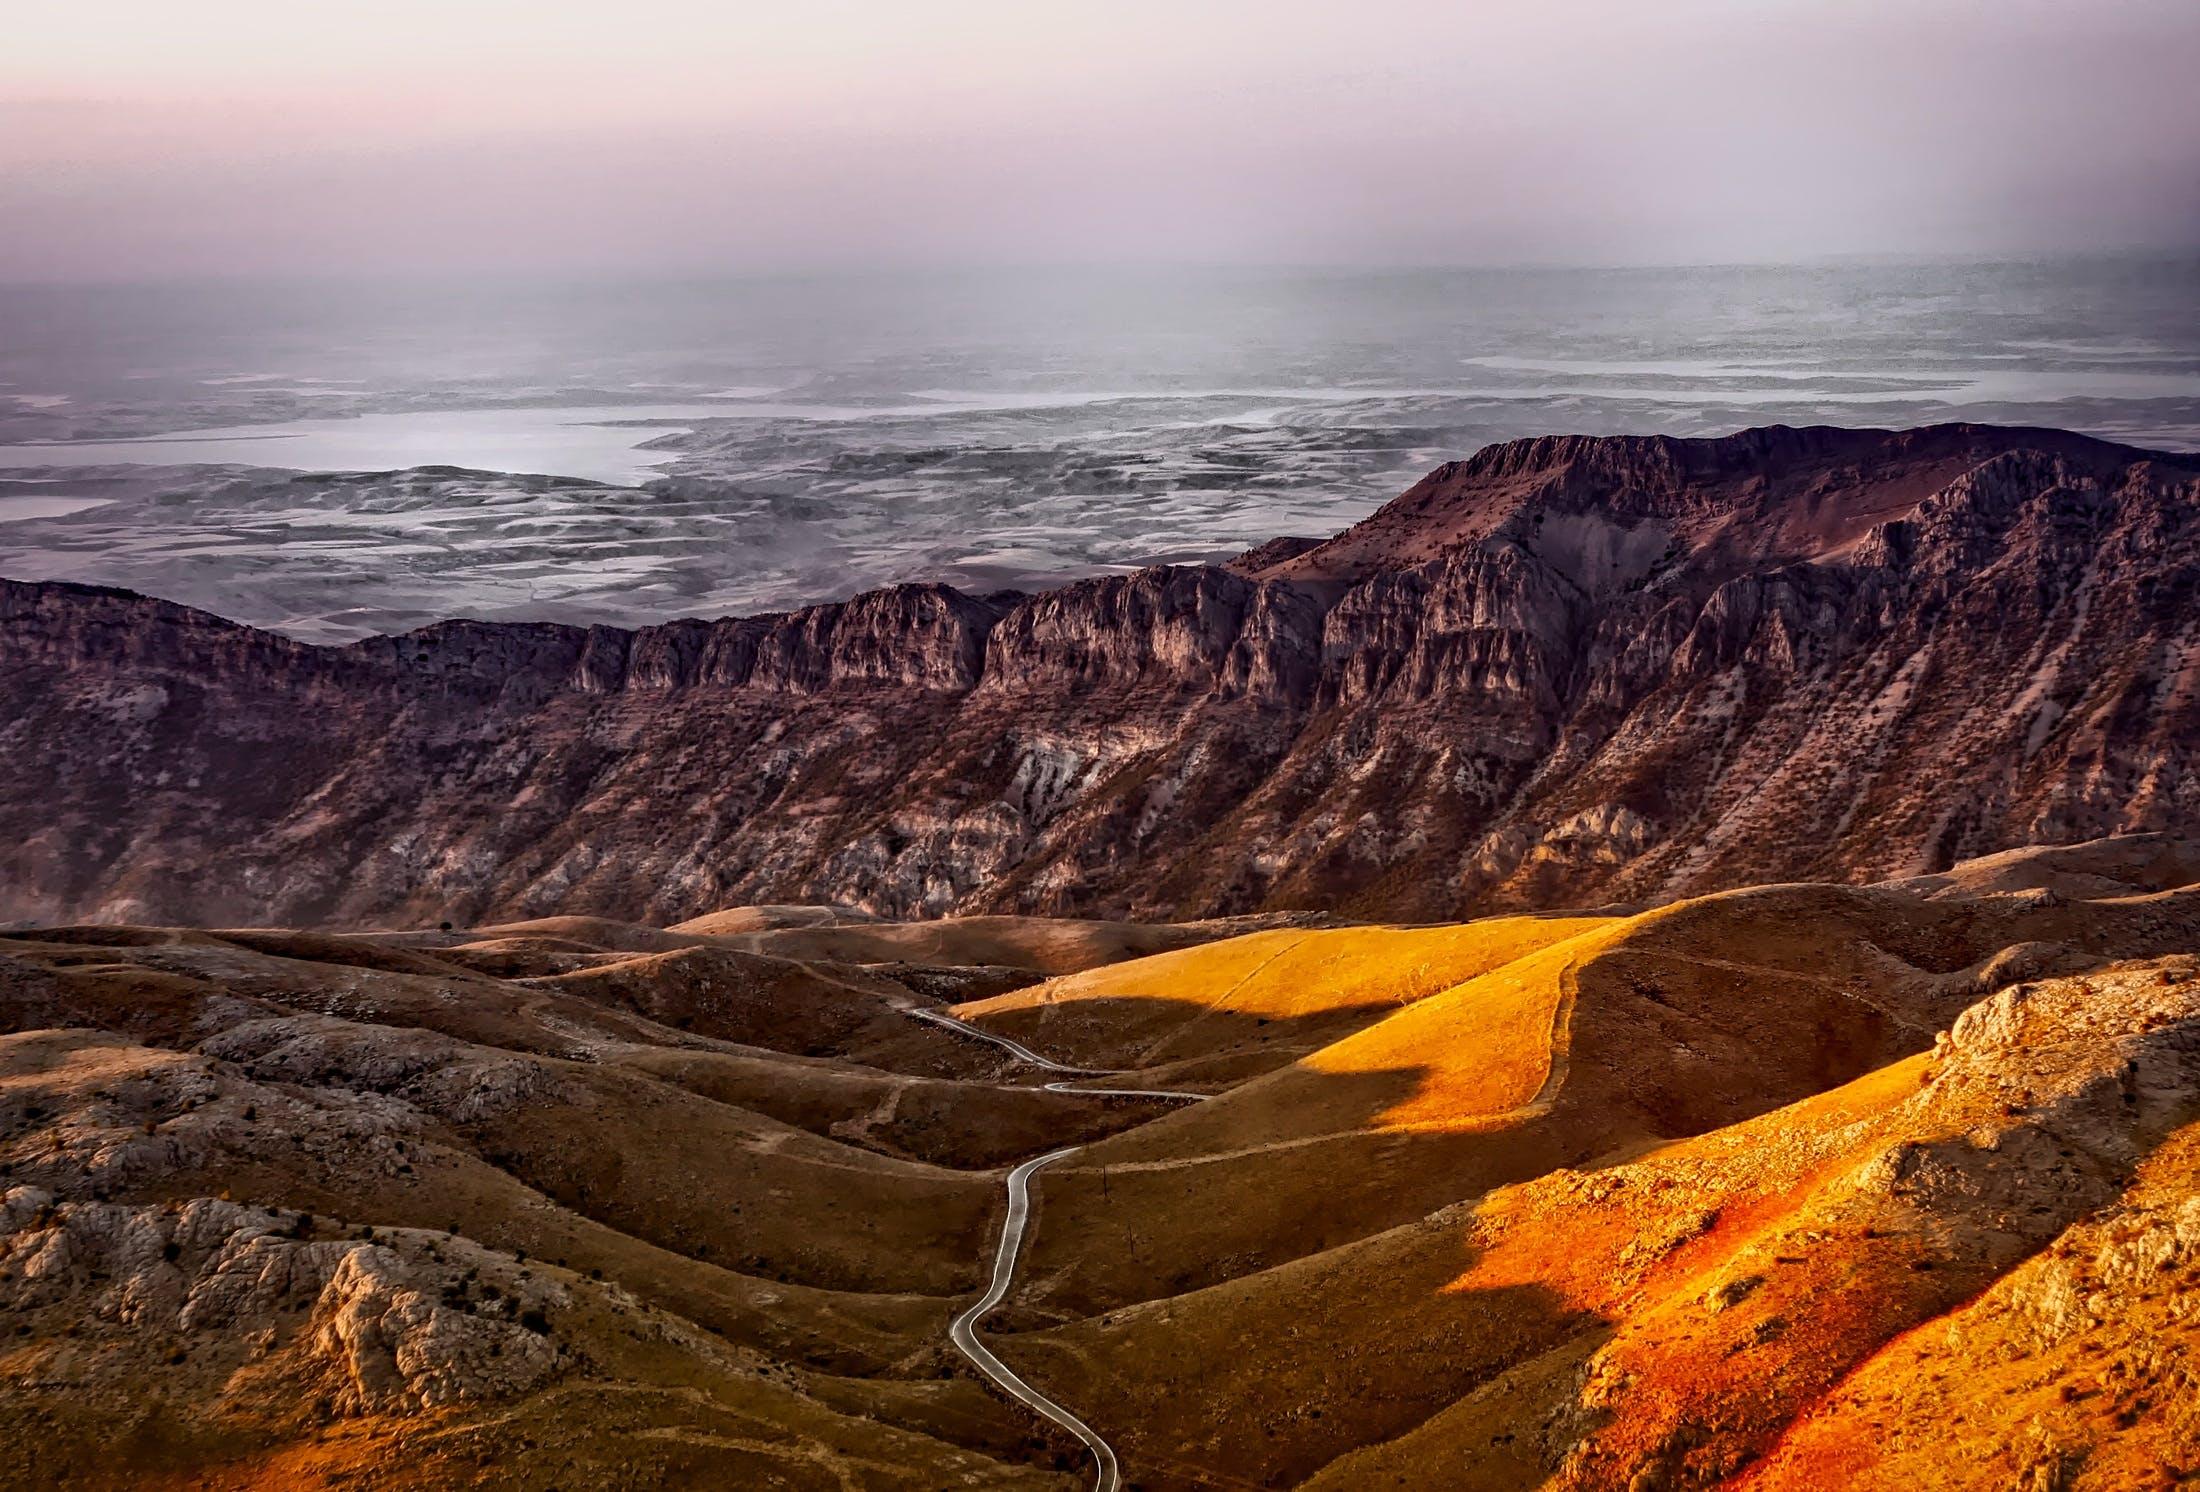 乾的, 景觀, 沙漠, 洛磯山脈 的 免費圖庫相片